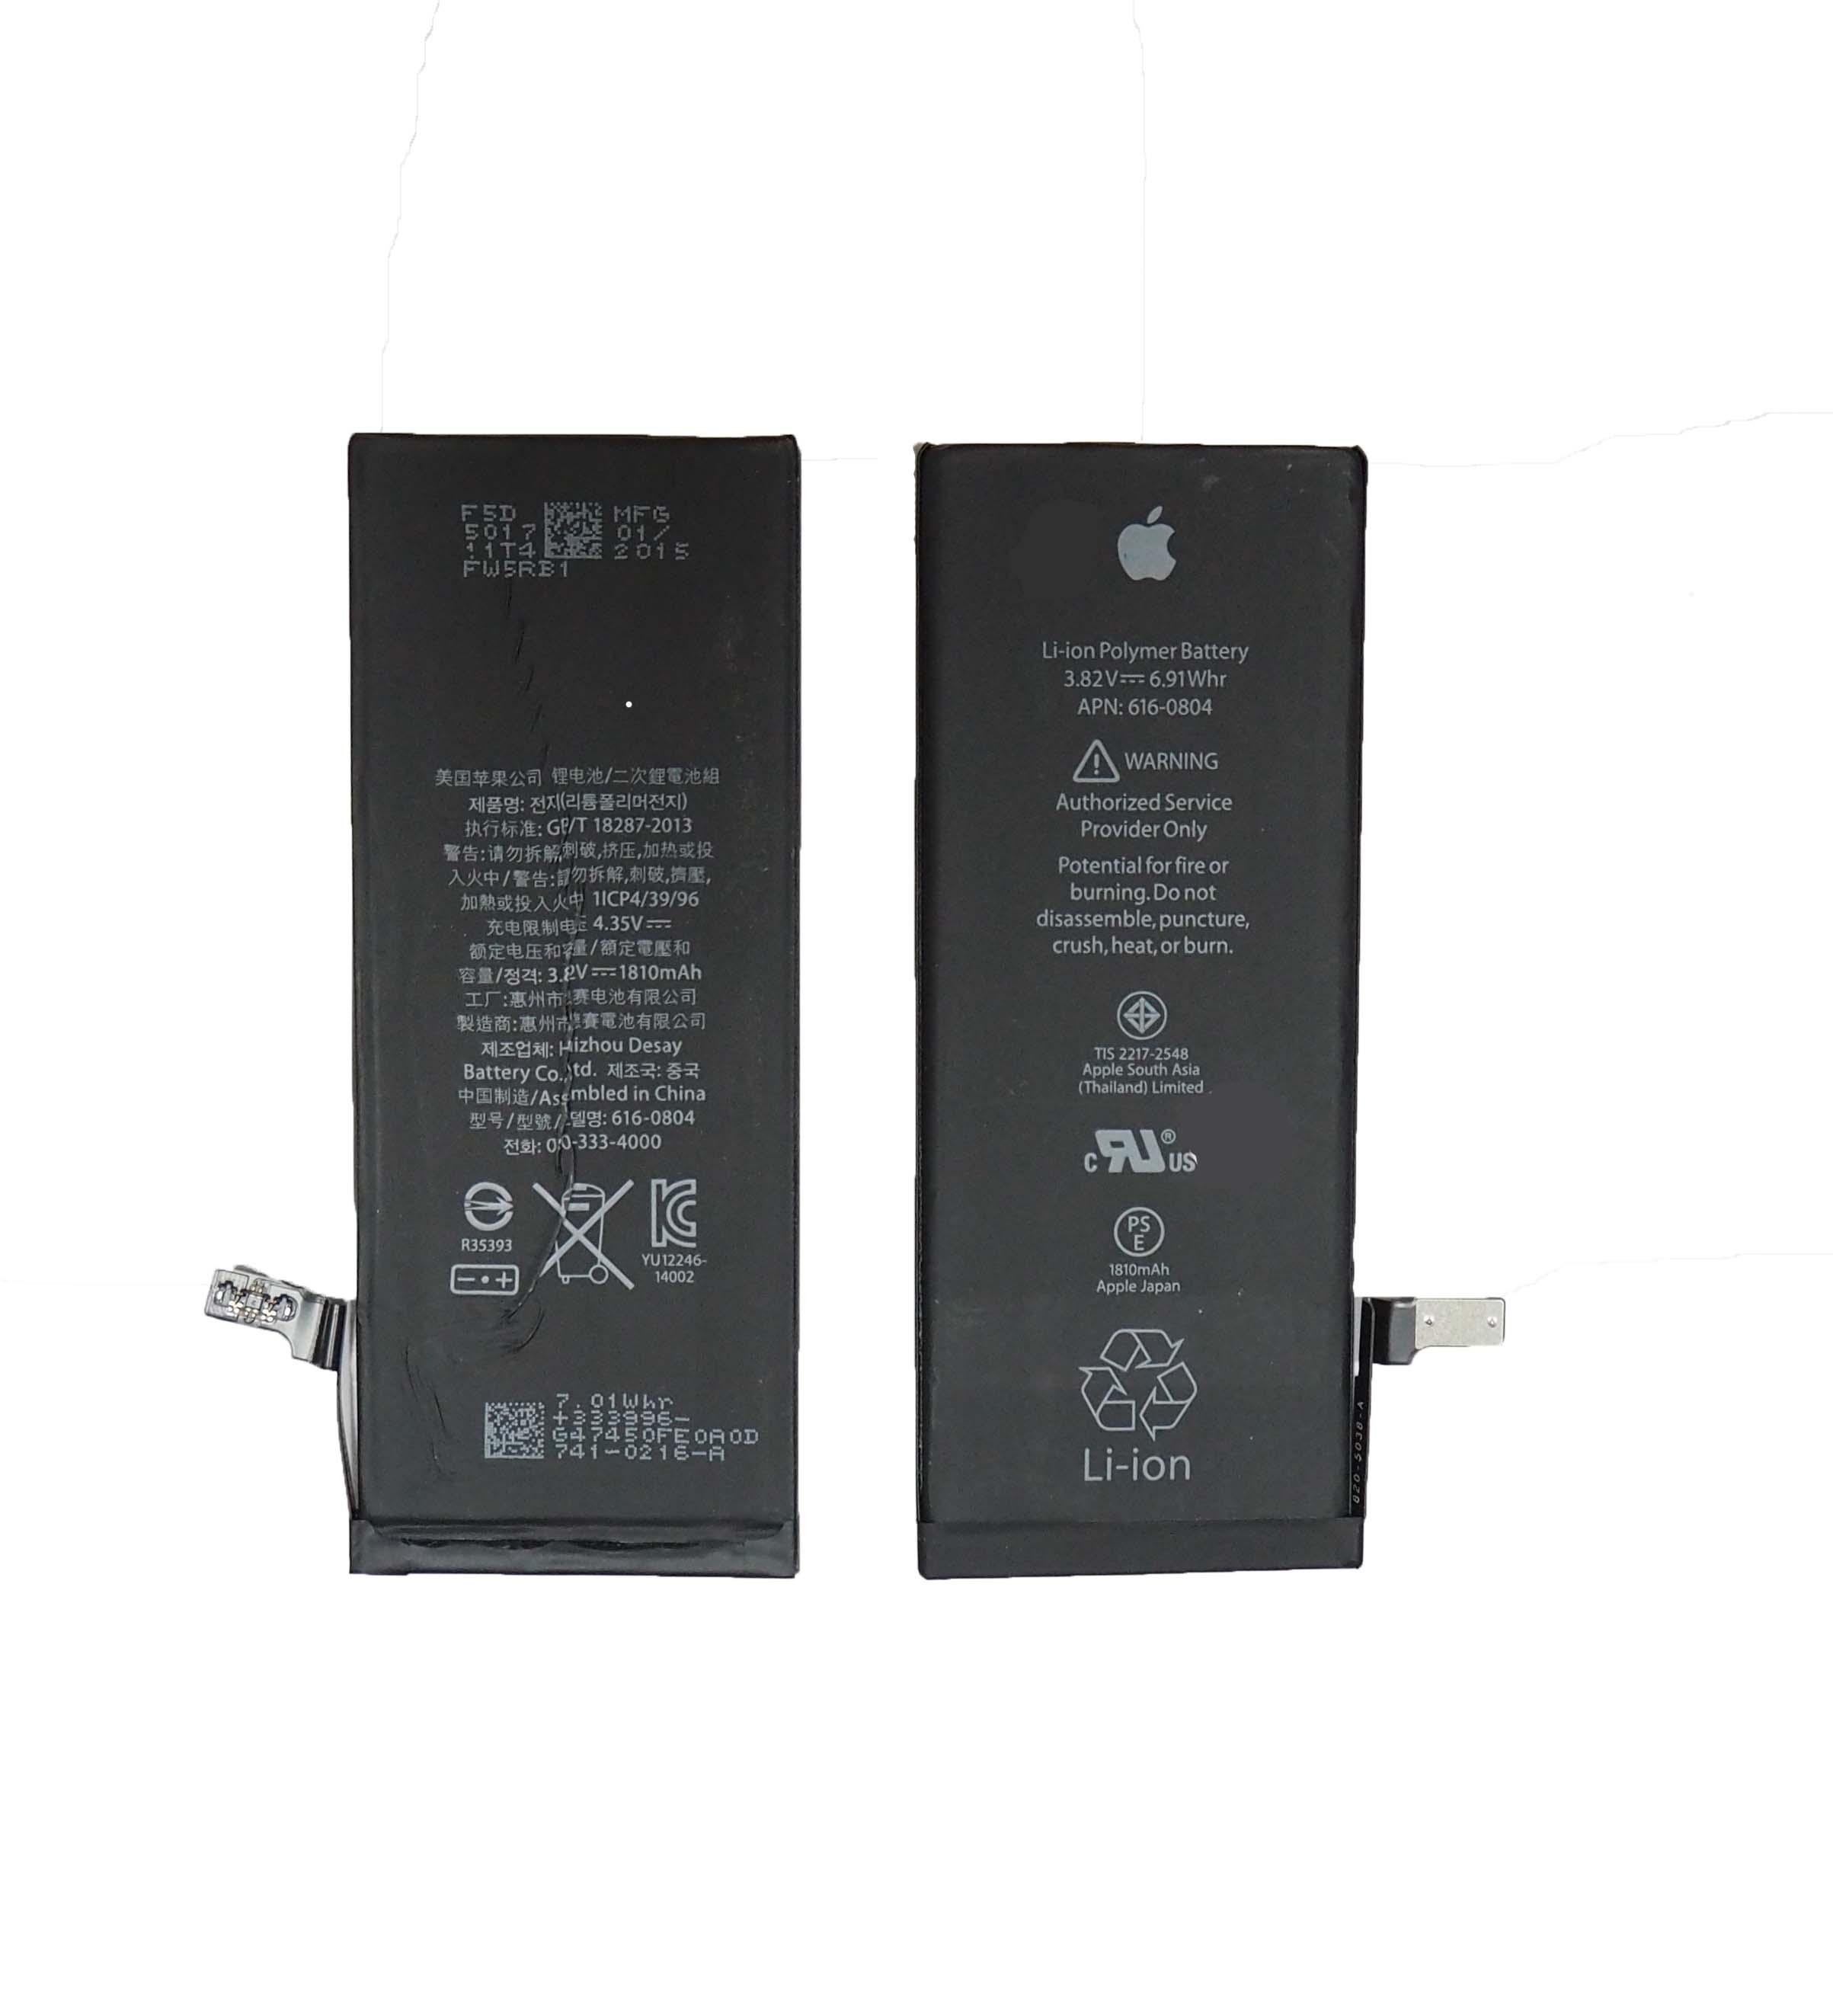 เปลี่ยนแบตเตอรี่ iPhone 6 Plus แบตเสื่อม แบตเสีย รับประกัน 6 เดือน